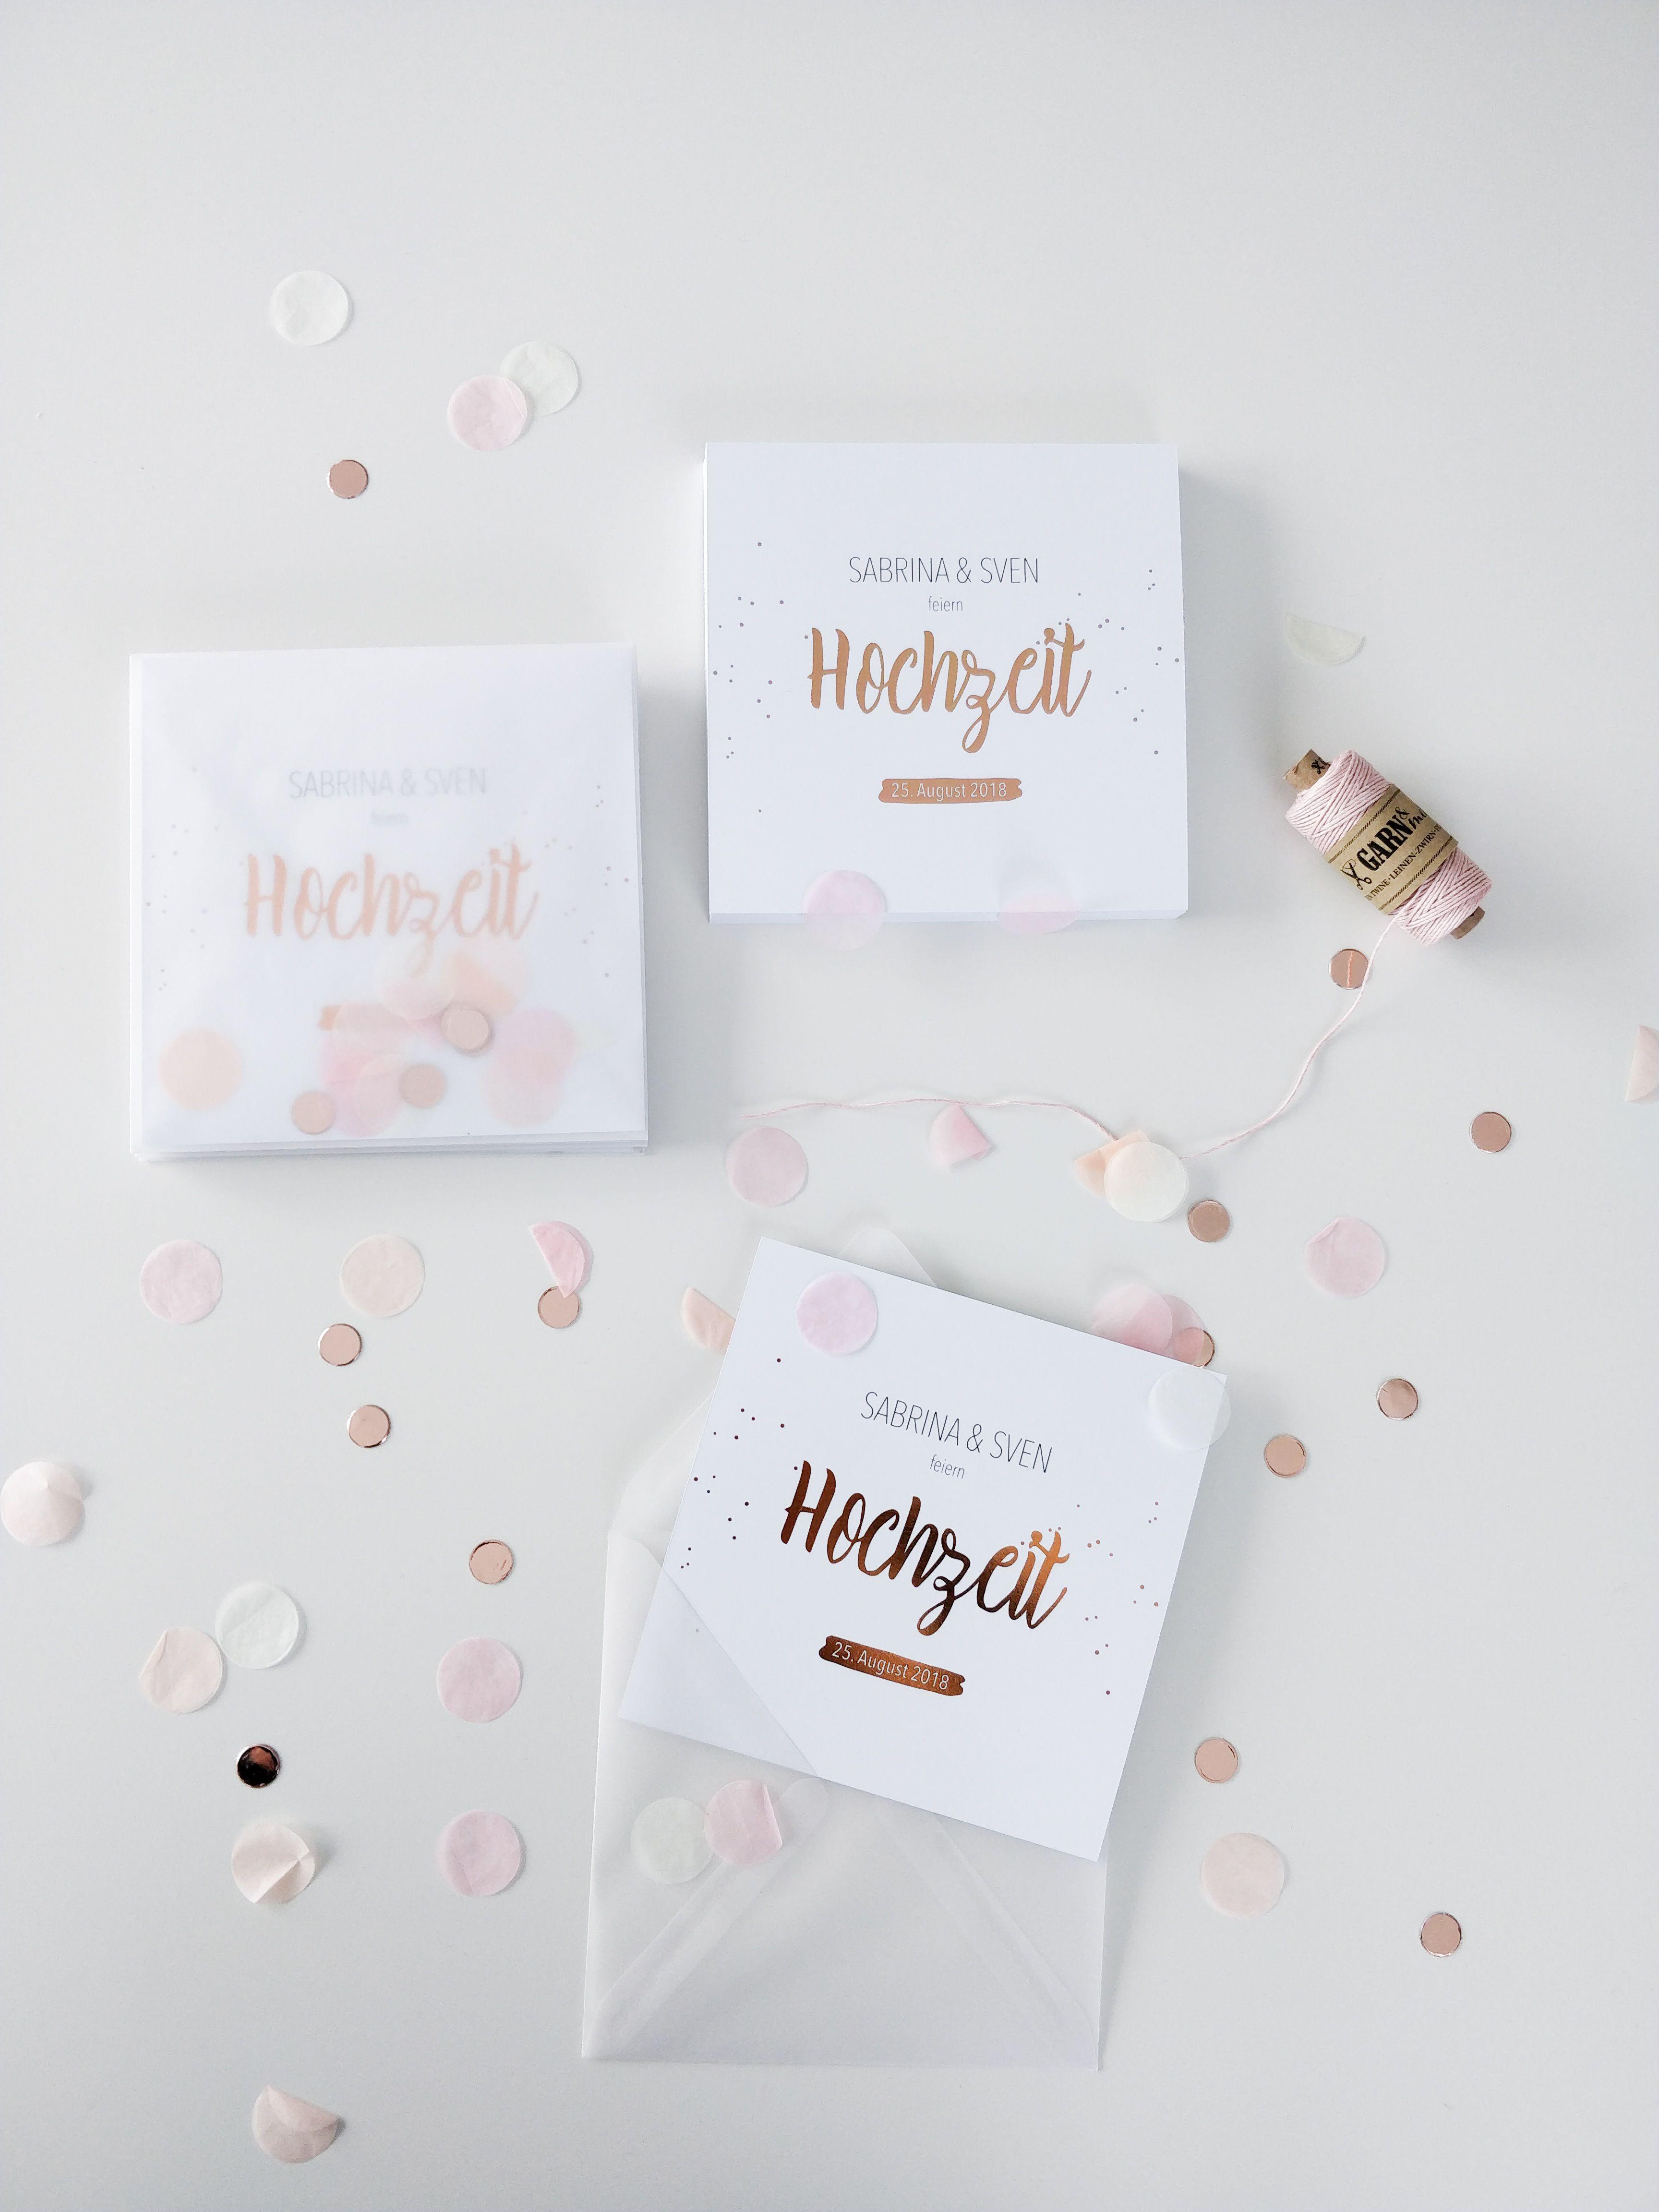 Hochzeitseinladungen In Rose Gold Heissfolienpragung Einladung Rose Quadratisch Minimalistisch Edel Gold M Hochzeitseinladung Karte Hochzeit Einladungen